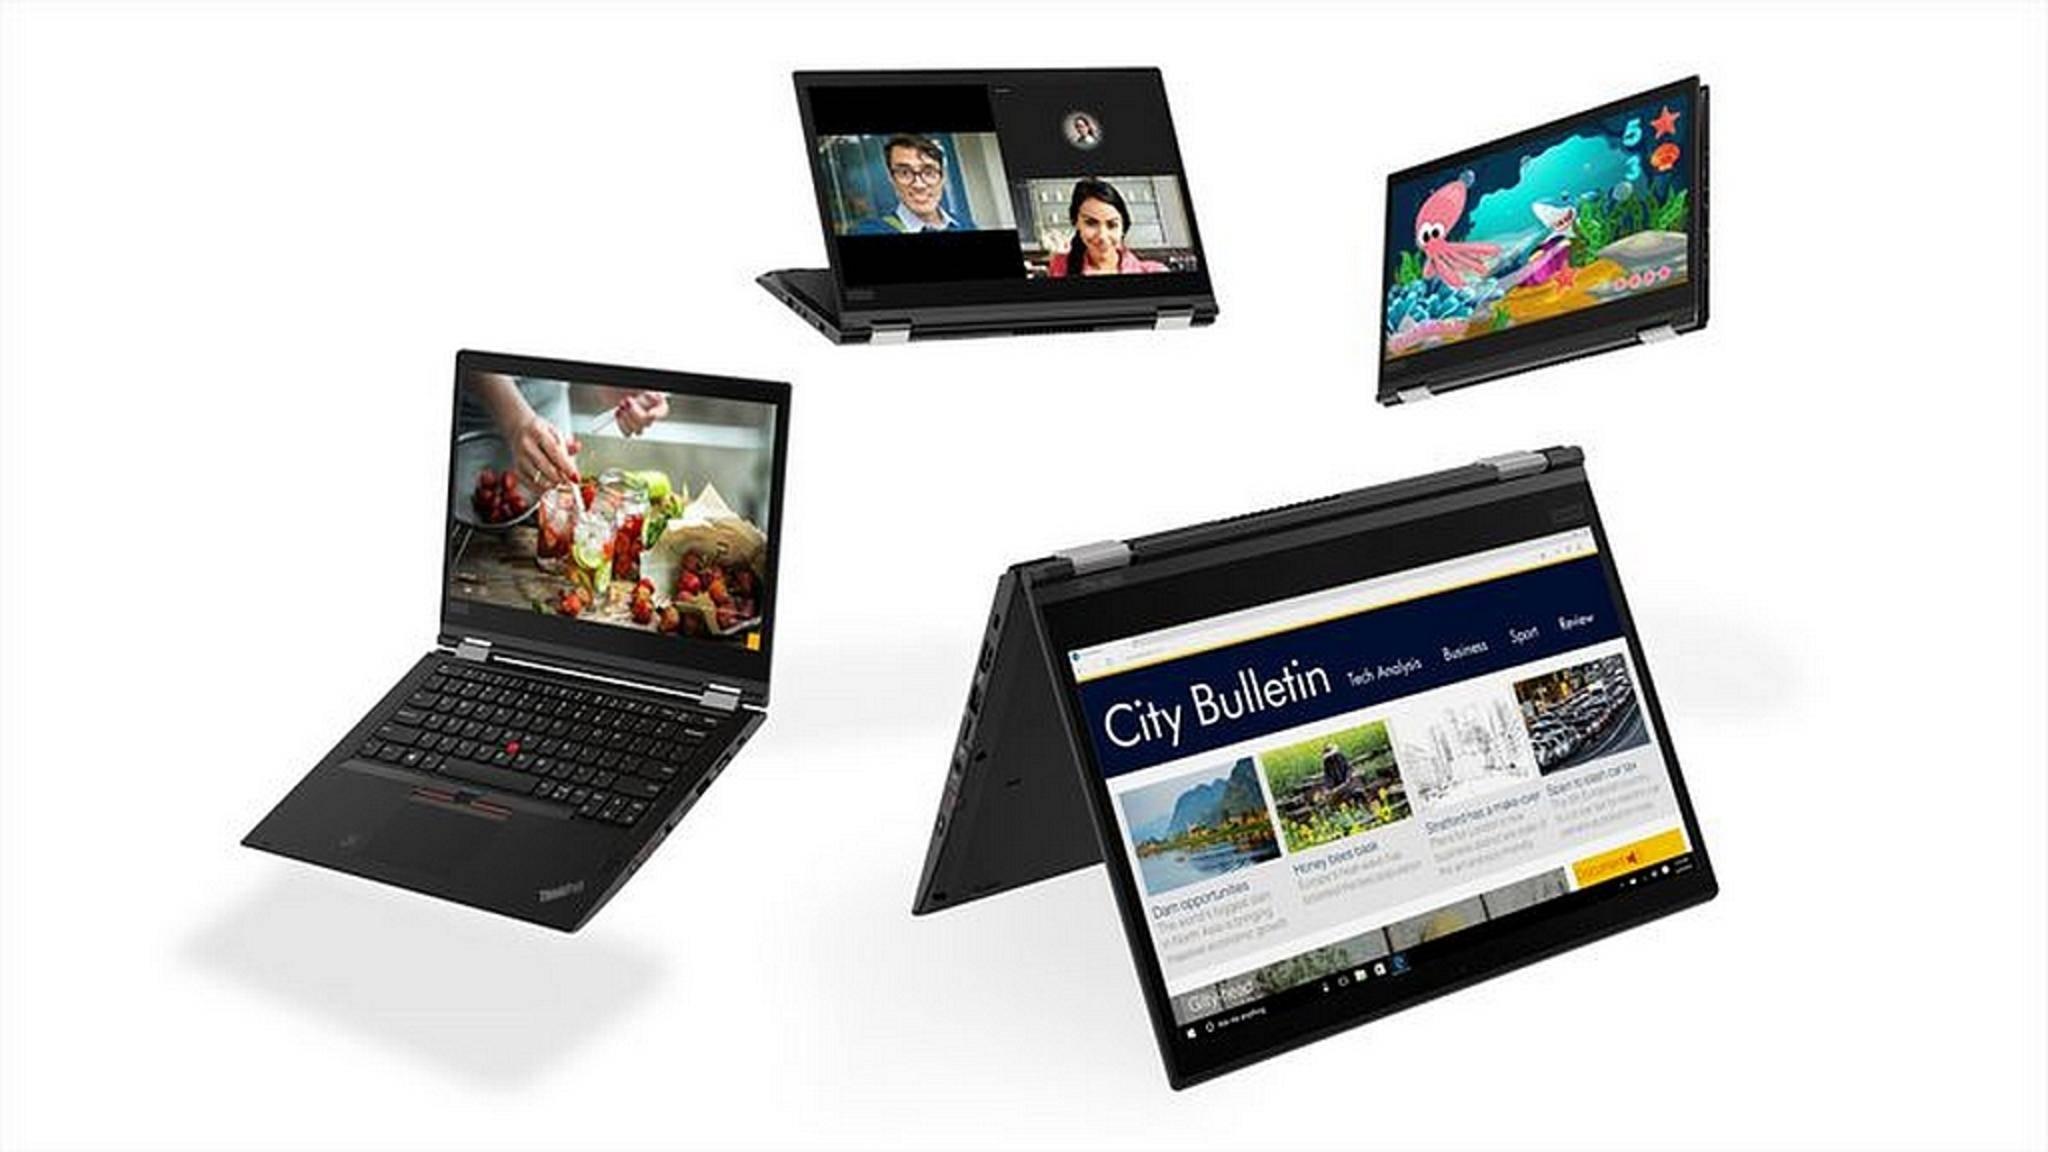 Die neuen ThinkPad-Modelle werden auf der CES vorgestellt.